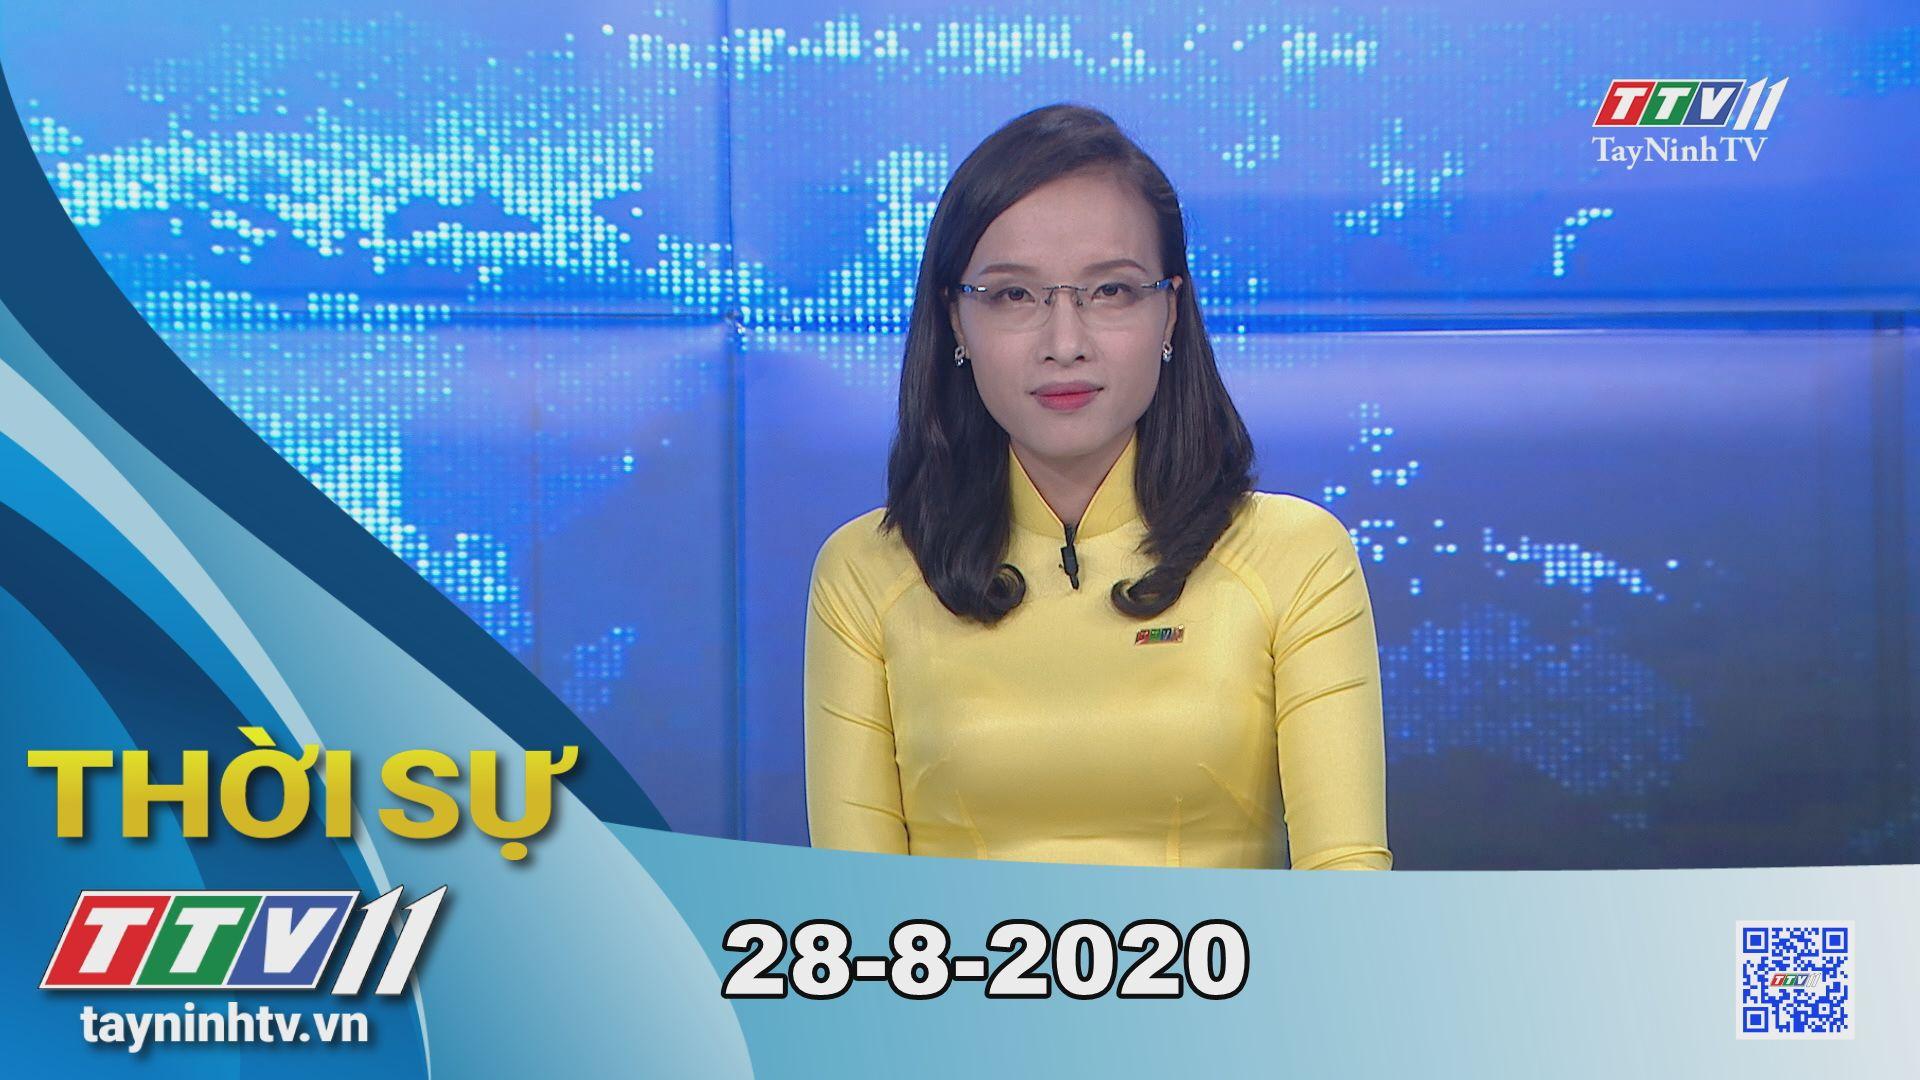 Thời sự Tây Ninh 28-8-2020 | Tin tức hôm nay | TayNinhTV